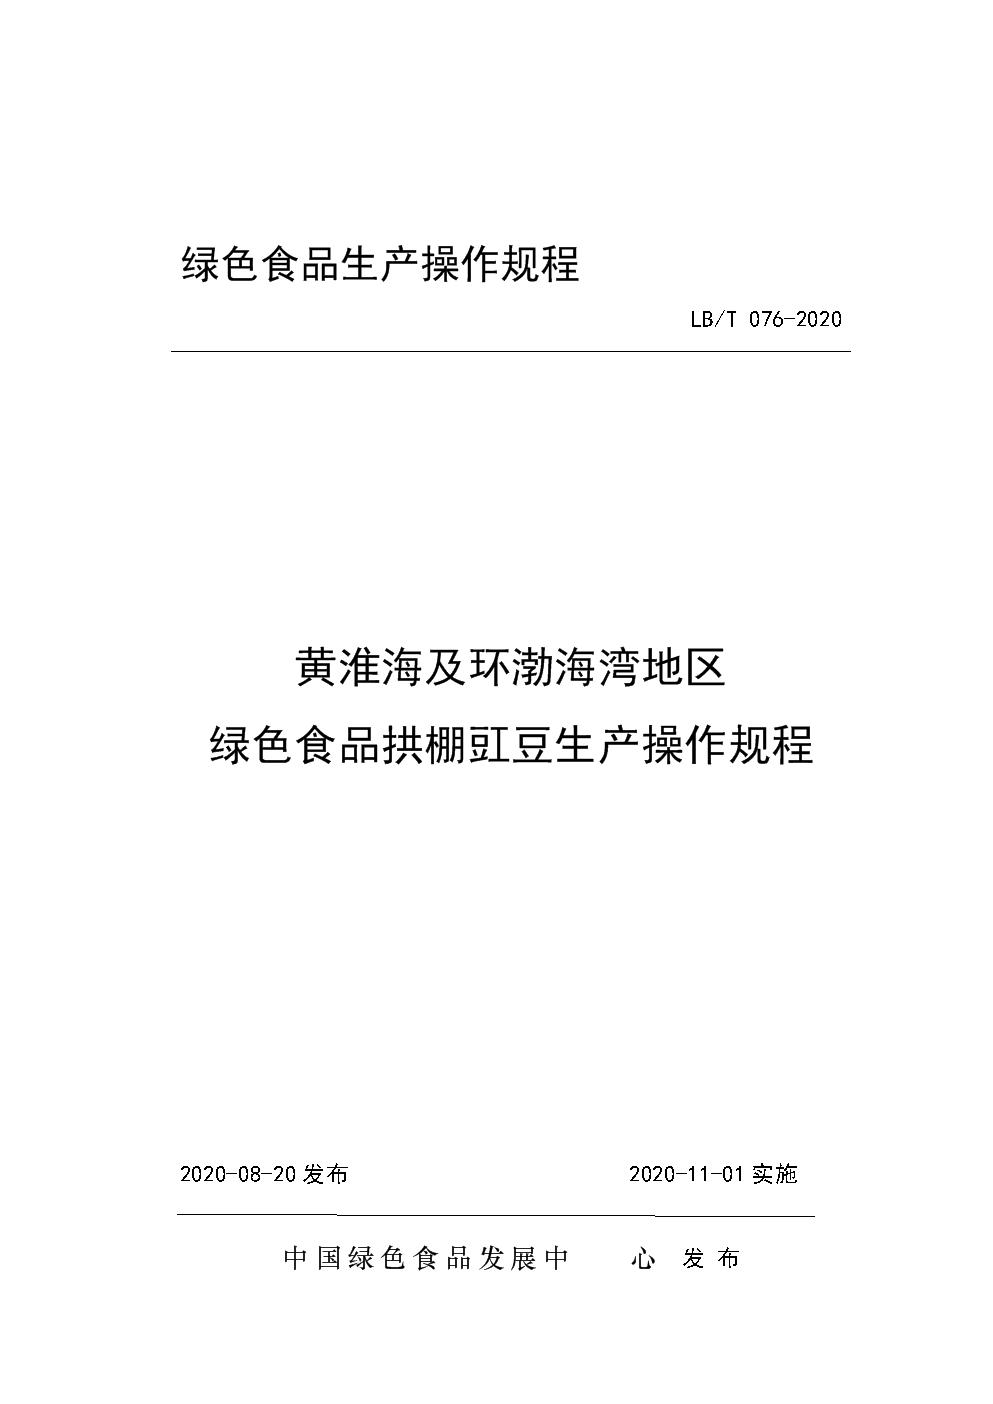 黄淮海及环渤海湾地区  绿色食品拱棚豇豆生产操作规程.doc